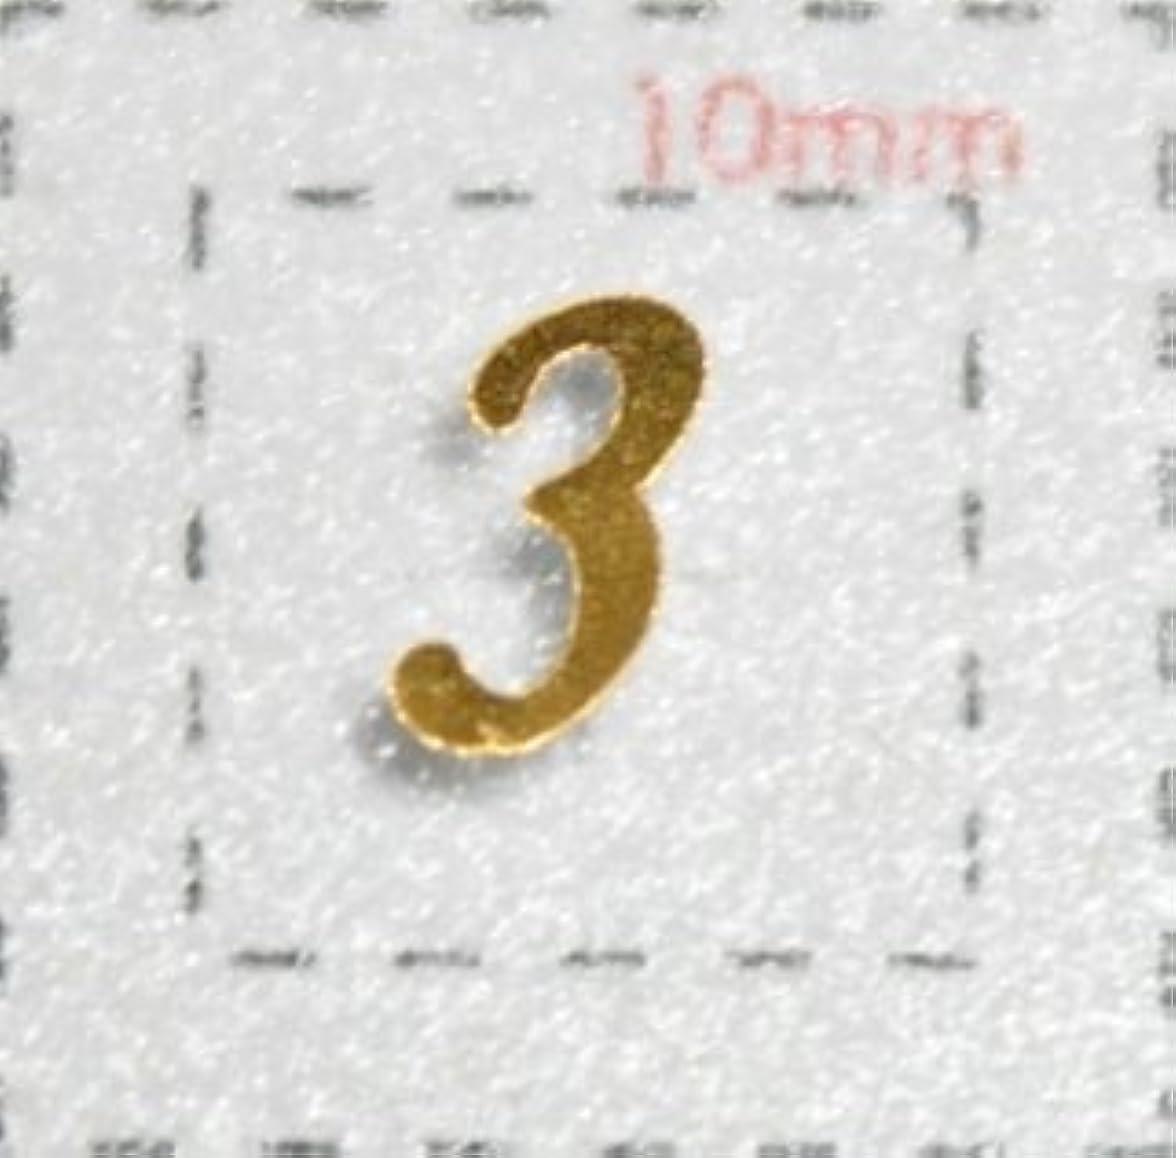 ツイン破壊的ファイアル【数字ネイルシール】1筆記体《3》ゴールド/1シート9枚